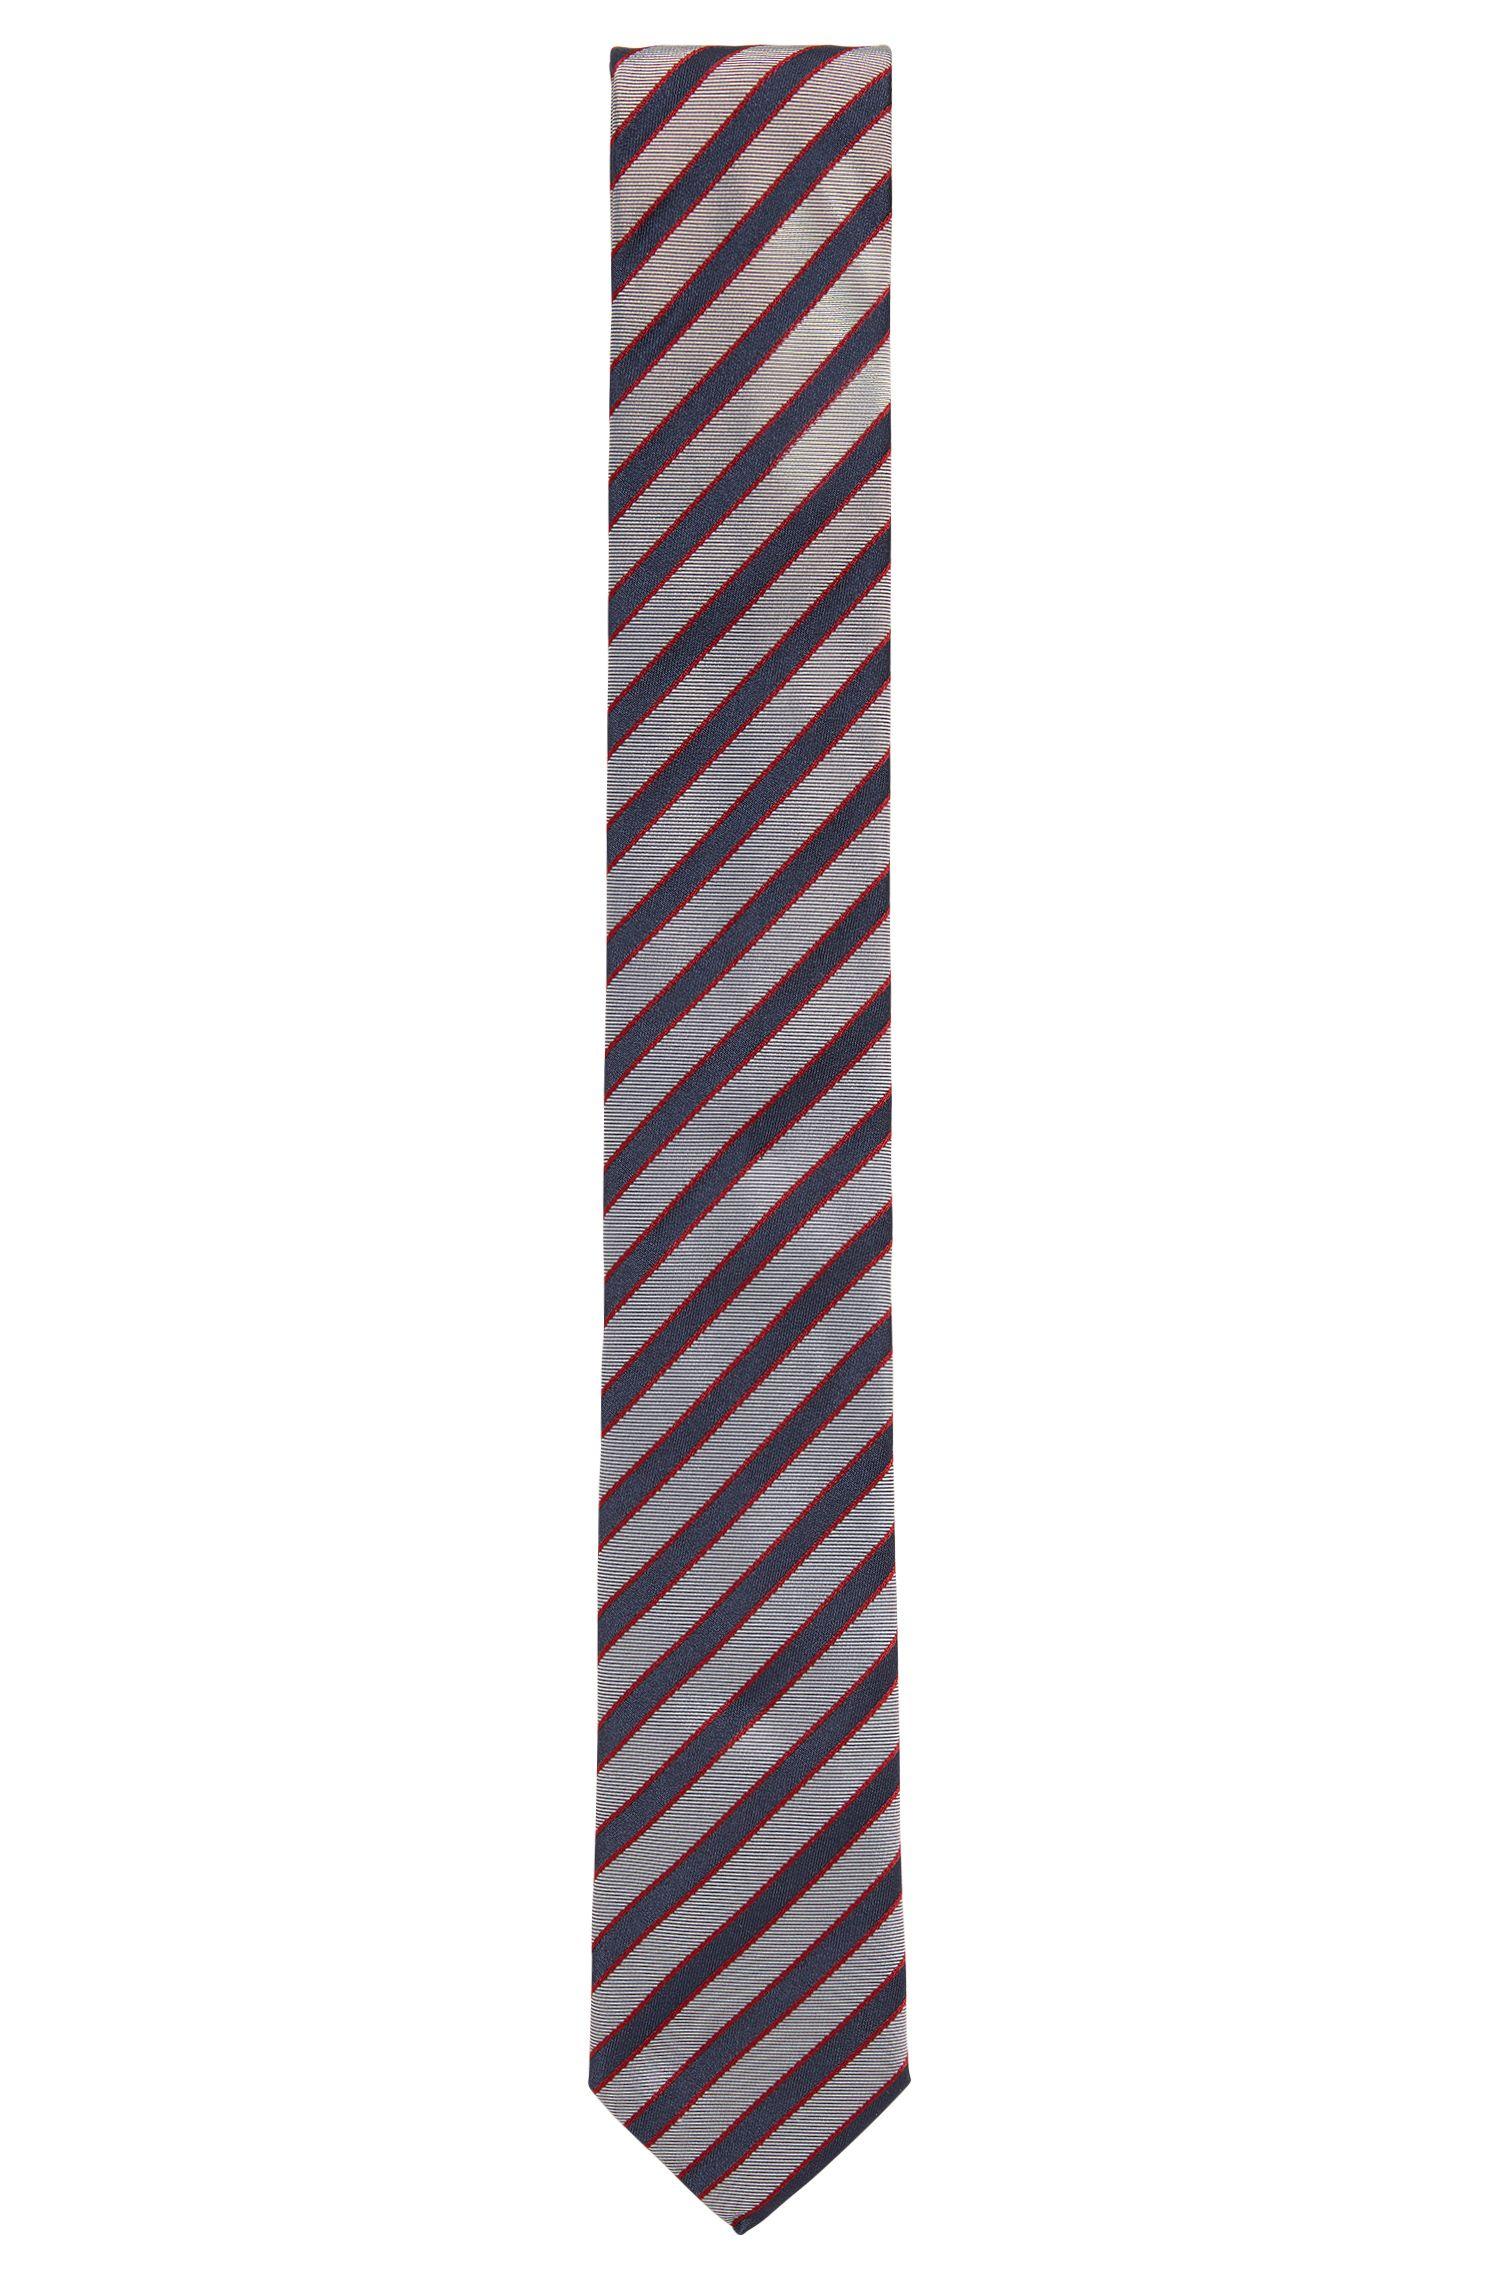 Slim, Silk Tie | Tie 6 cm Ribbon Loop